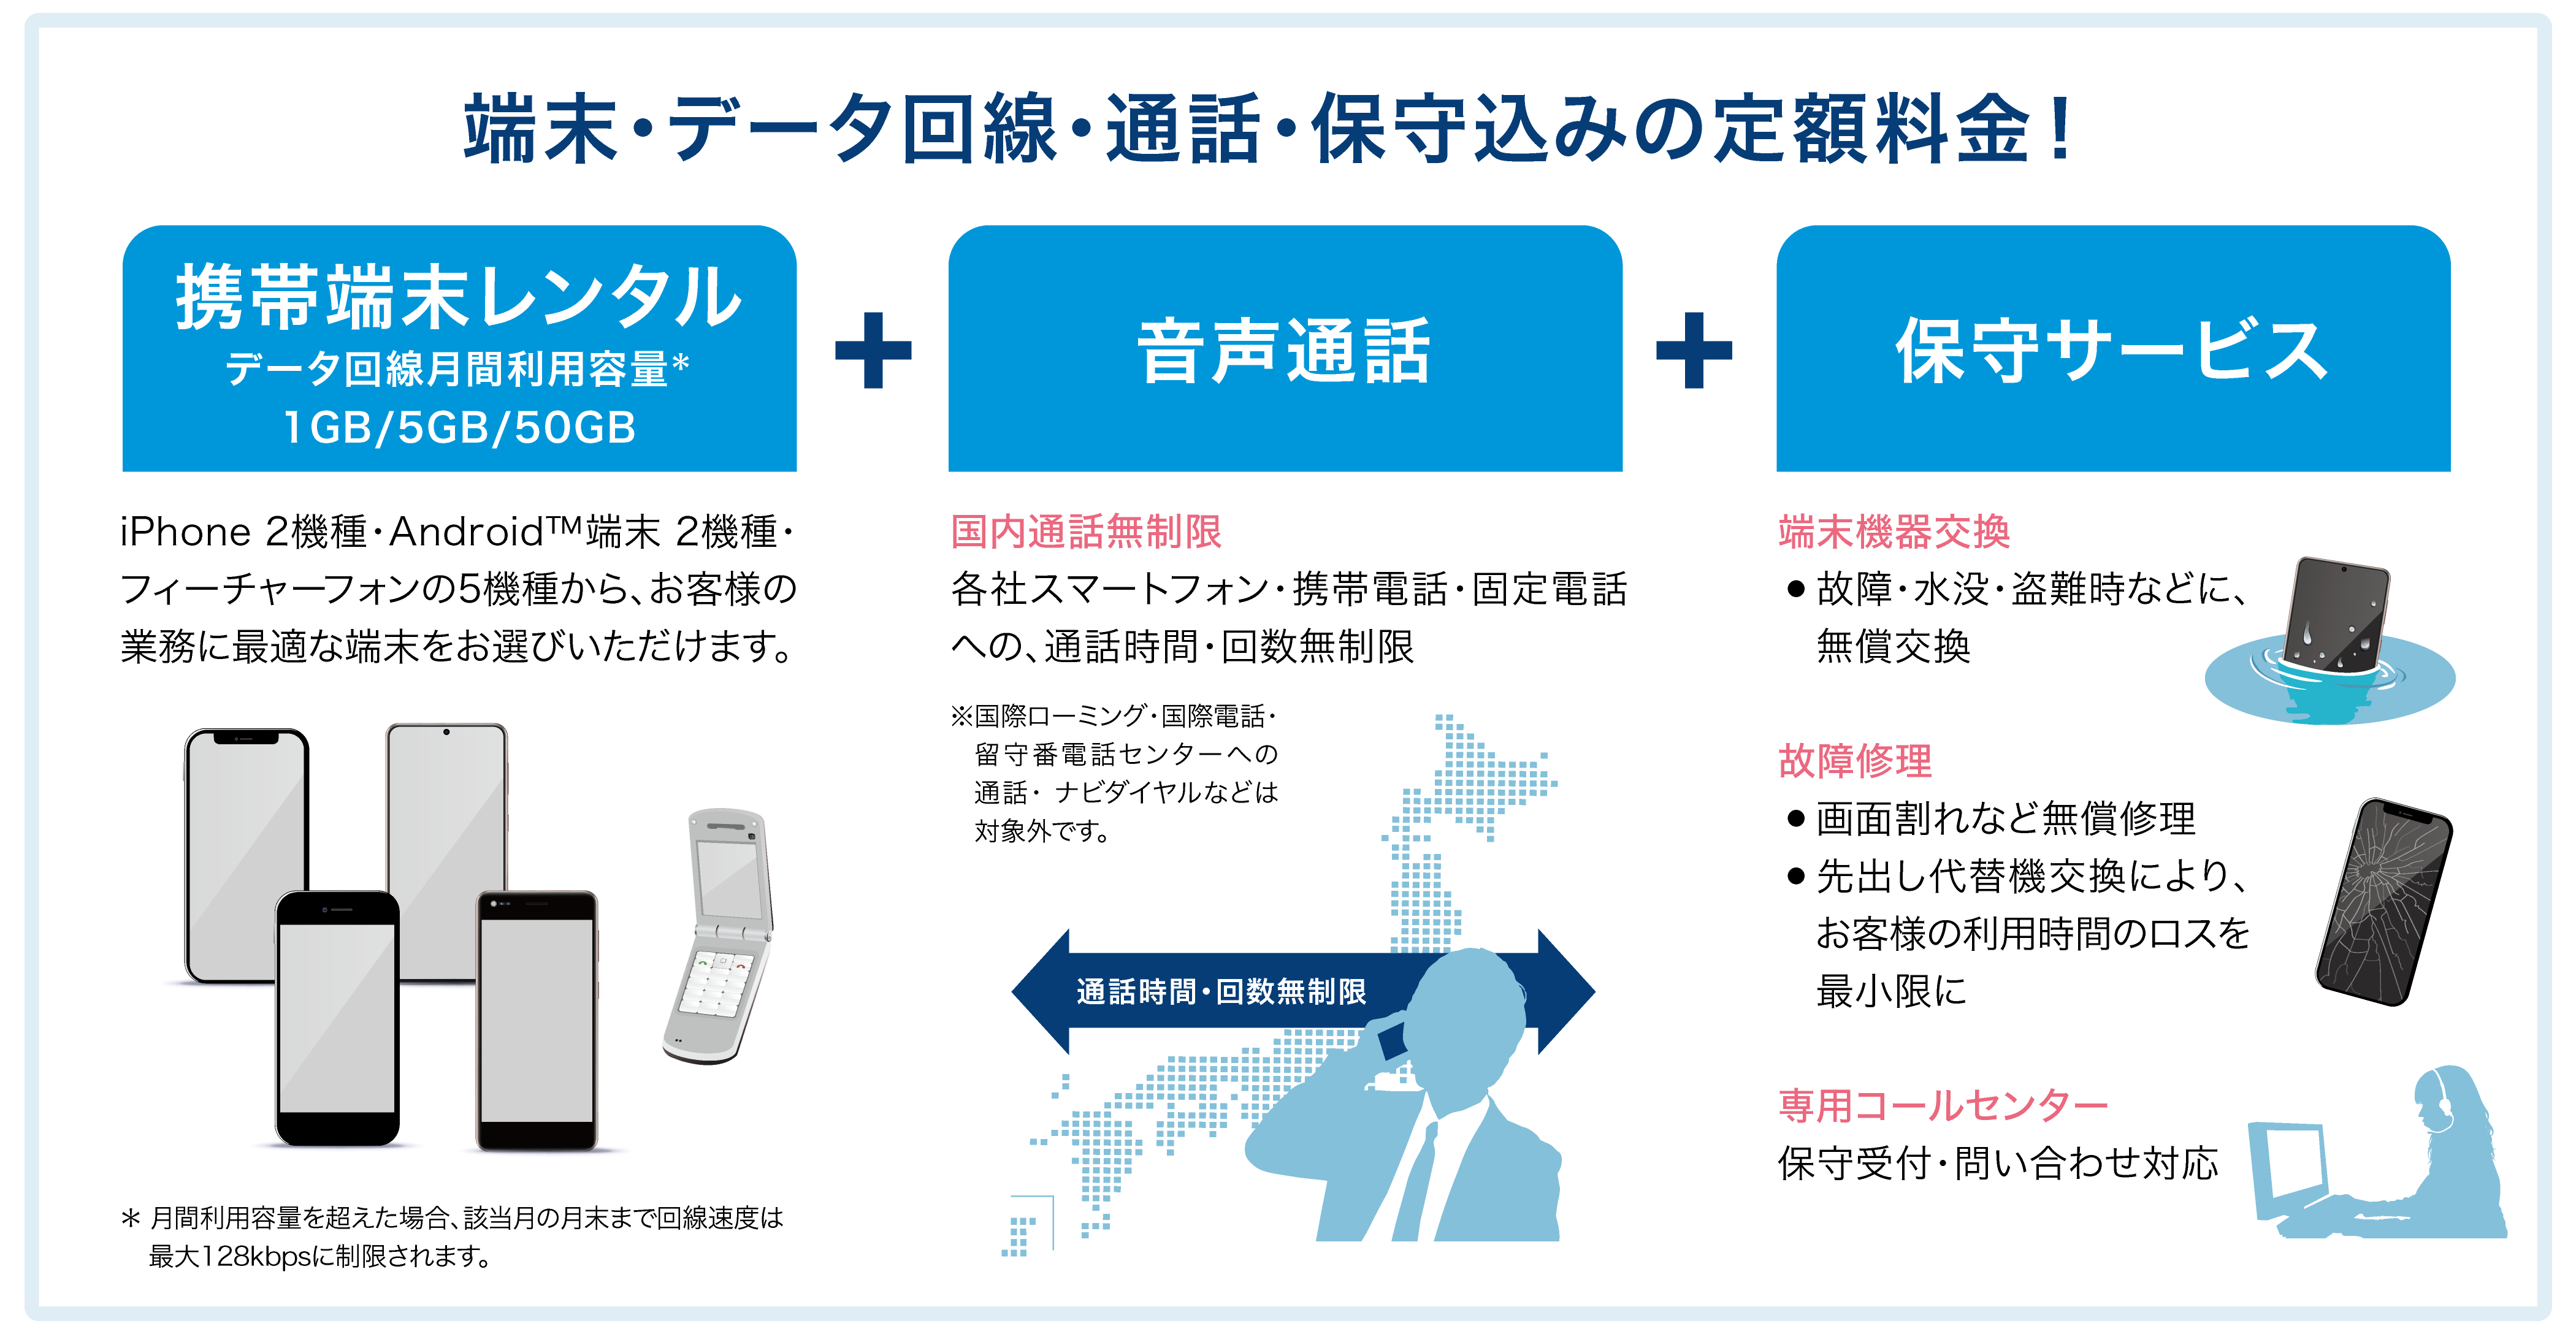 【リコージャパン】音声通話・データ通信・保守を含んだ定額制 法人向けモバイル端末レンタルサービスを提供開始